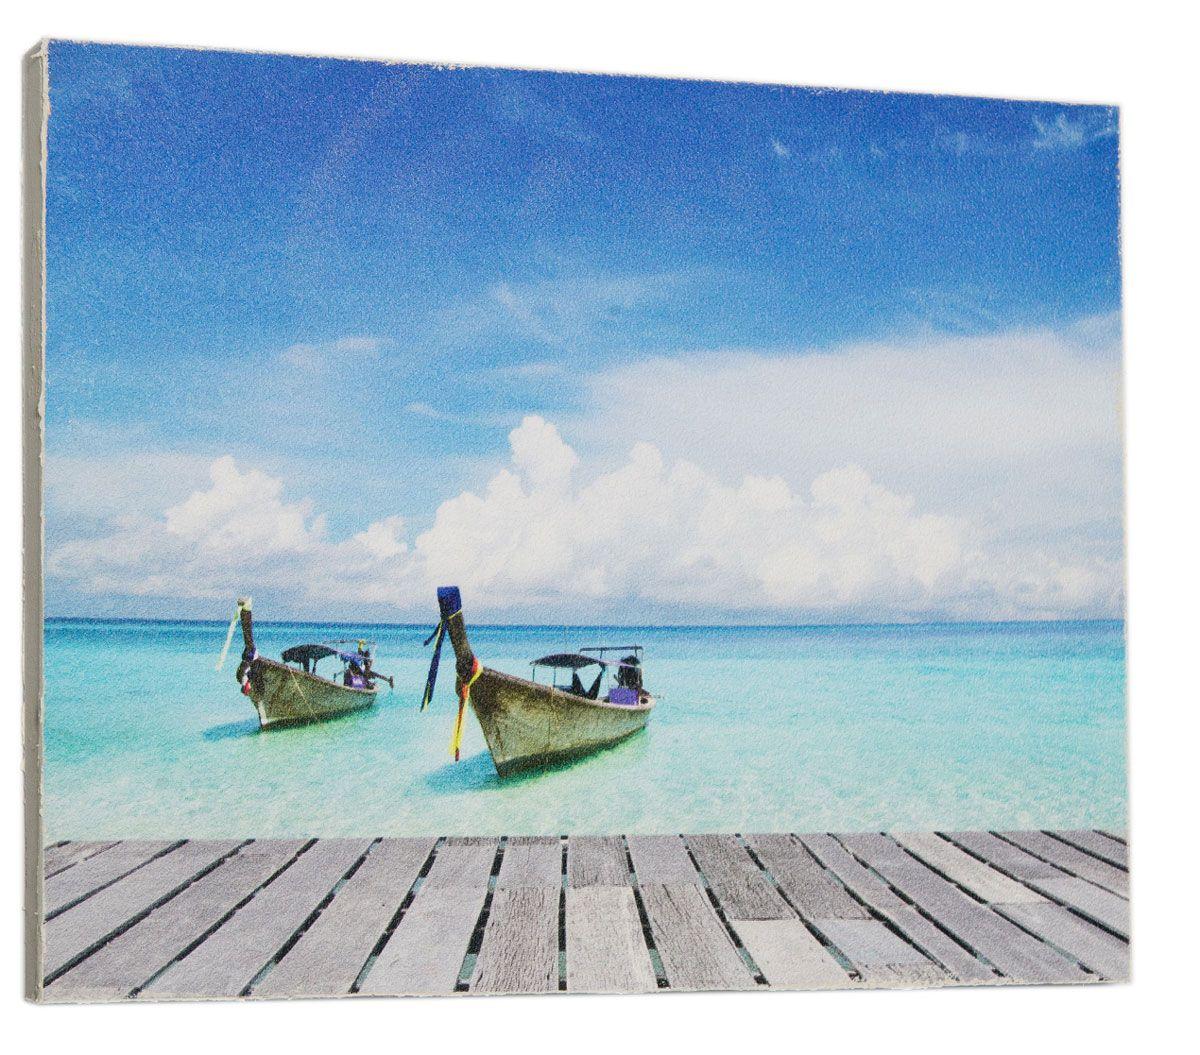 Картина Mister Poster Таиланд, 32 х 24 см0305-24-32Картина Mister Poster - это высококачественная репродукция на деревянной раме. Лицевая поверхность имитирует штукатурку или натуральный холст, края окрашены вручную специальным декоративным составом.Современные технологии, уникальное оборудование и оригинальные чернила, используемые при изготовлении, делают постер устойчивым к выцветанию, а также гарантируют стойкость к воздействию негативных внешних факторов. Интерьер дома и офиса, в котором находится человек, в значительной степени влияет на его настроение и работоспособность. Правильное оформление интерьера создает благоприятный психологический климат, улучшает настроение и мотивирует. Добавьте «красок» в ваш интерьер и, возможно, в вашу жизнь.